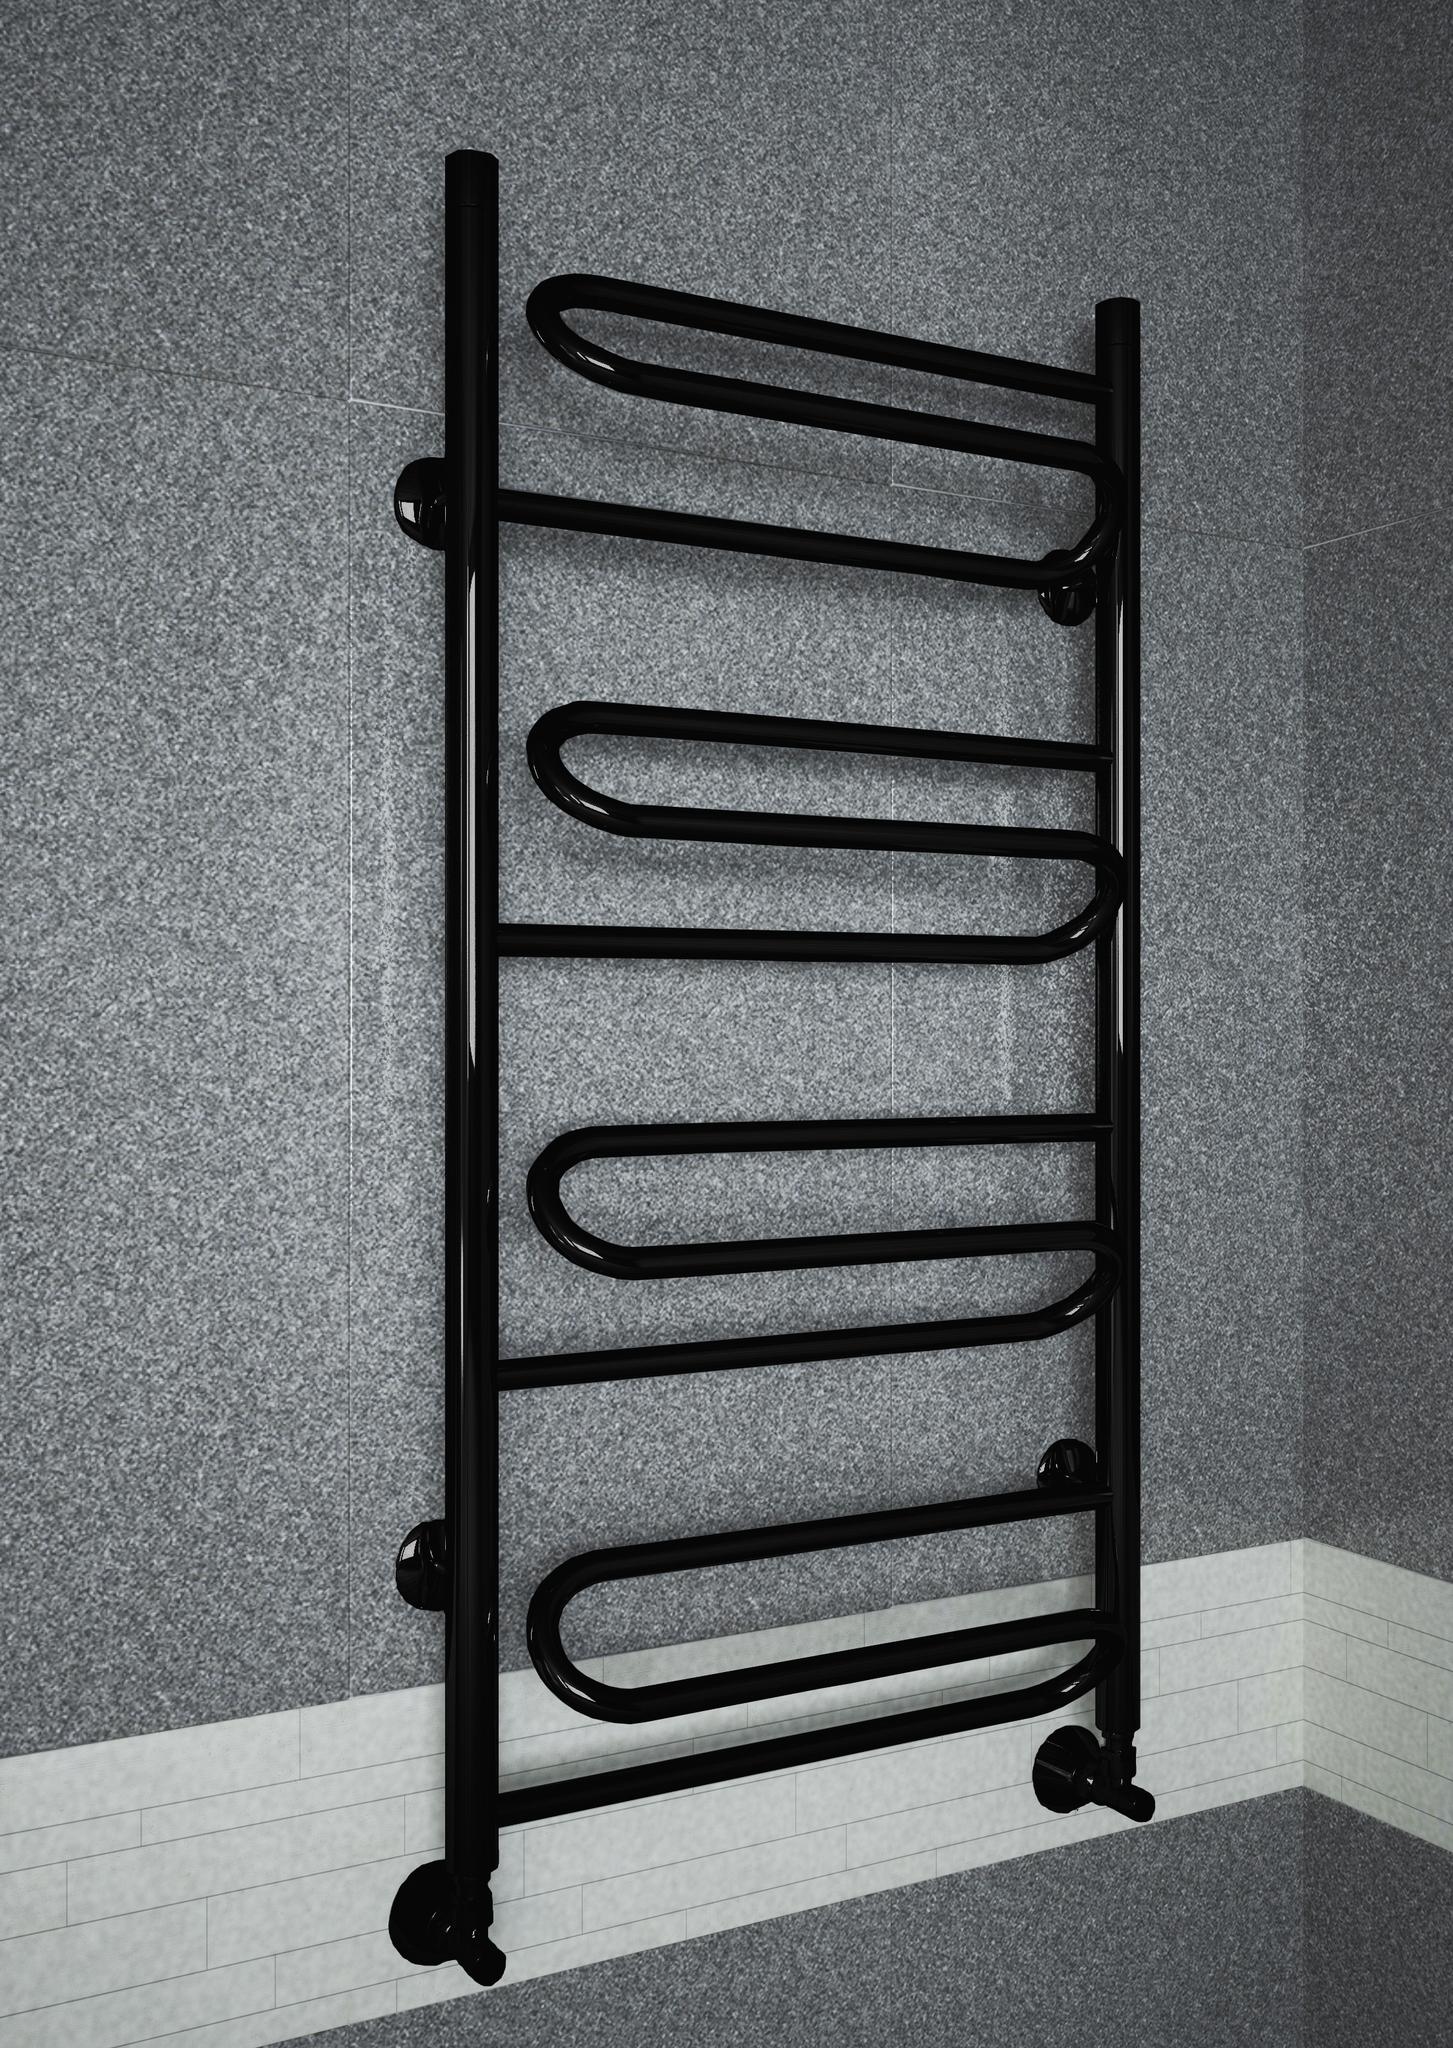 Upiter E - электрический полотенцесушитель с увеличенным пространством для сушки черного цвета.